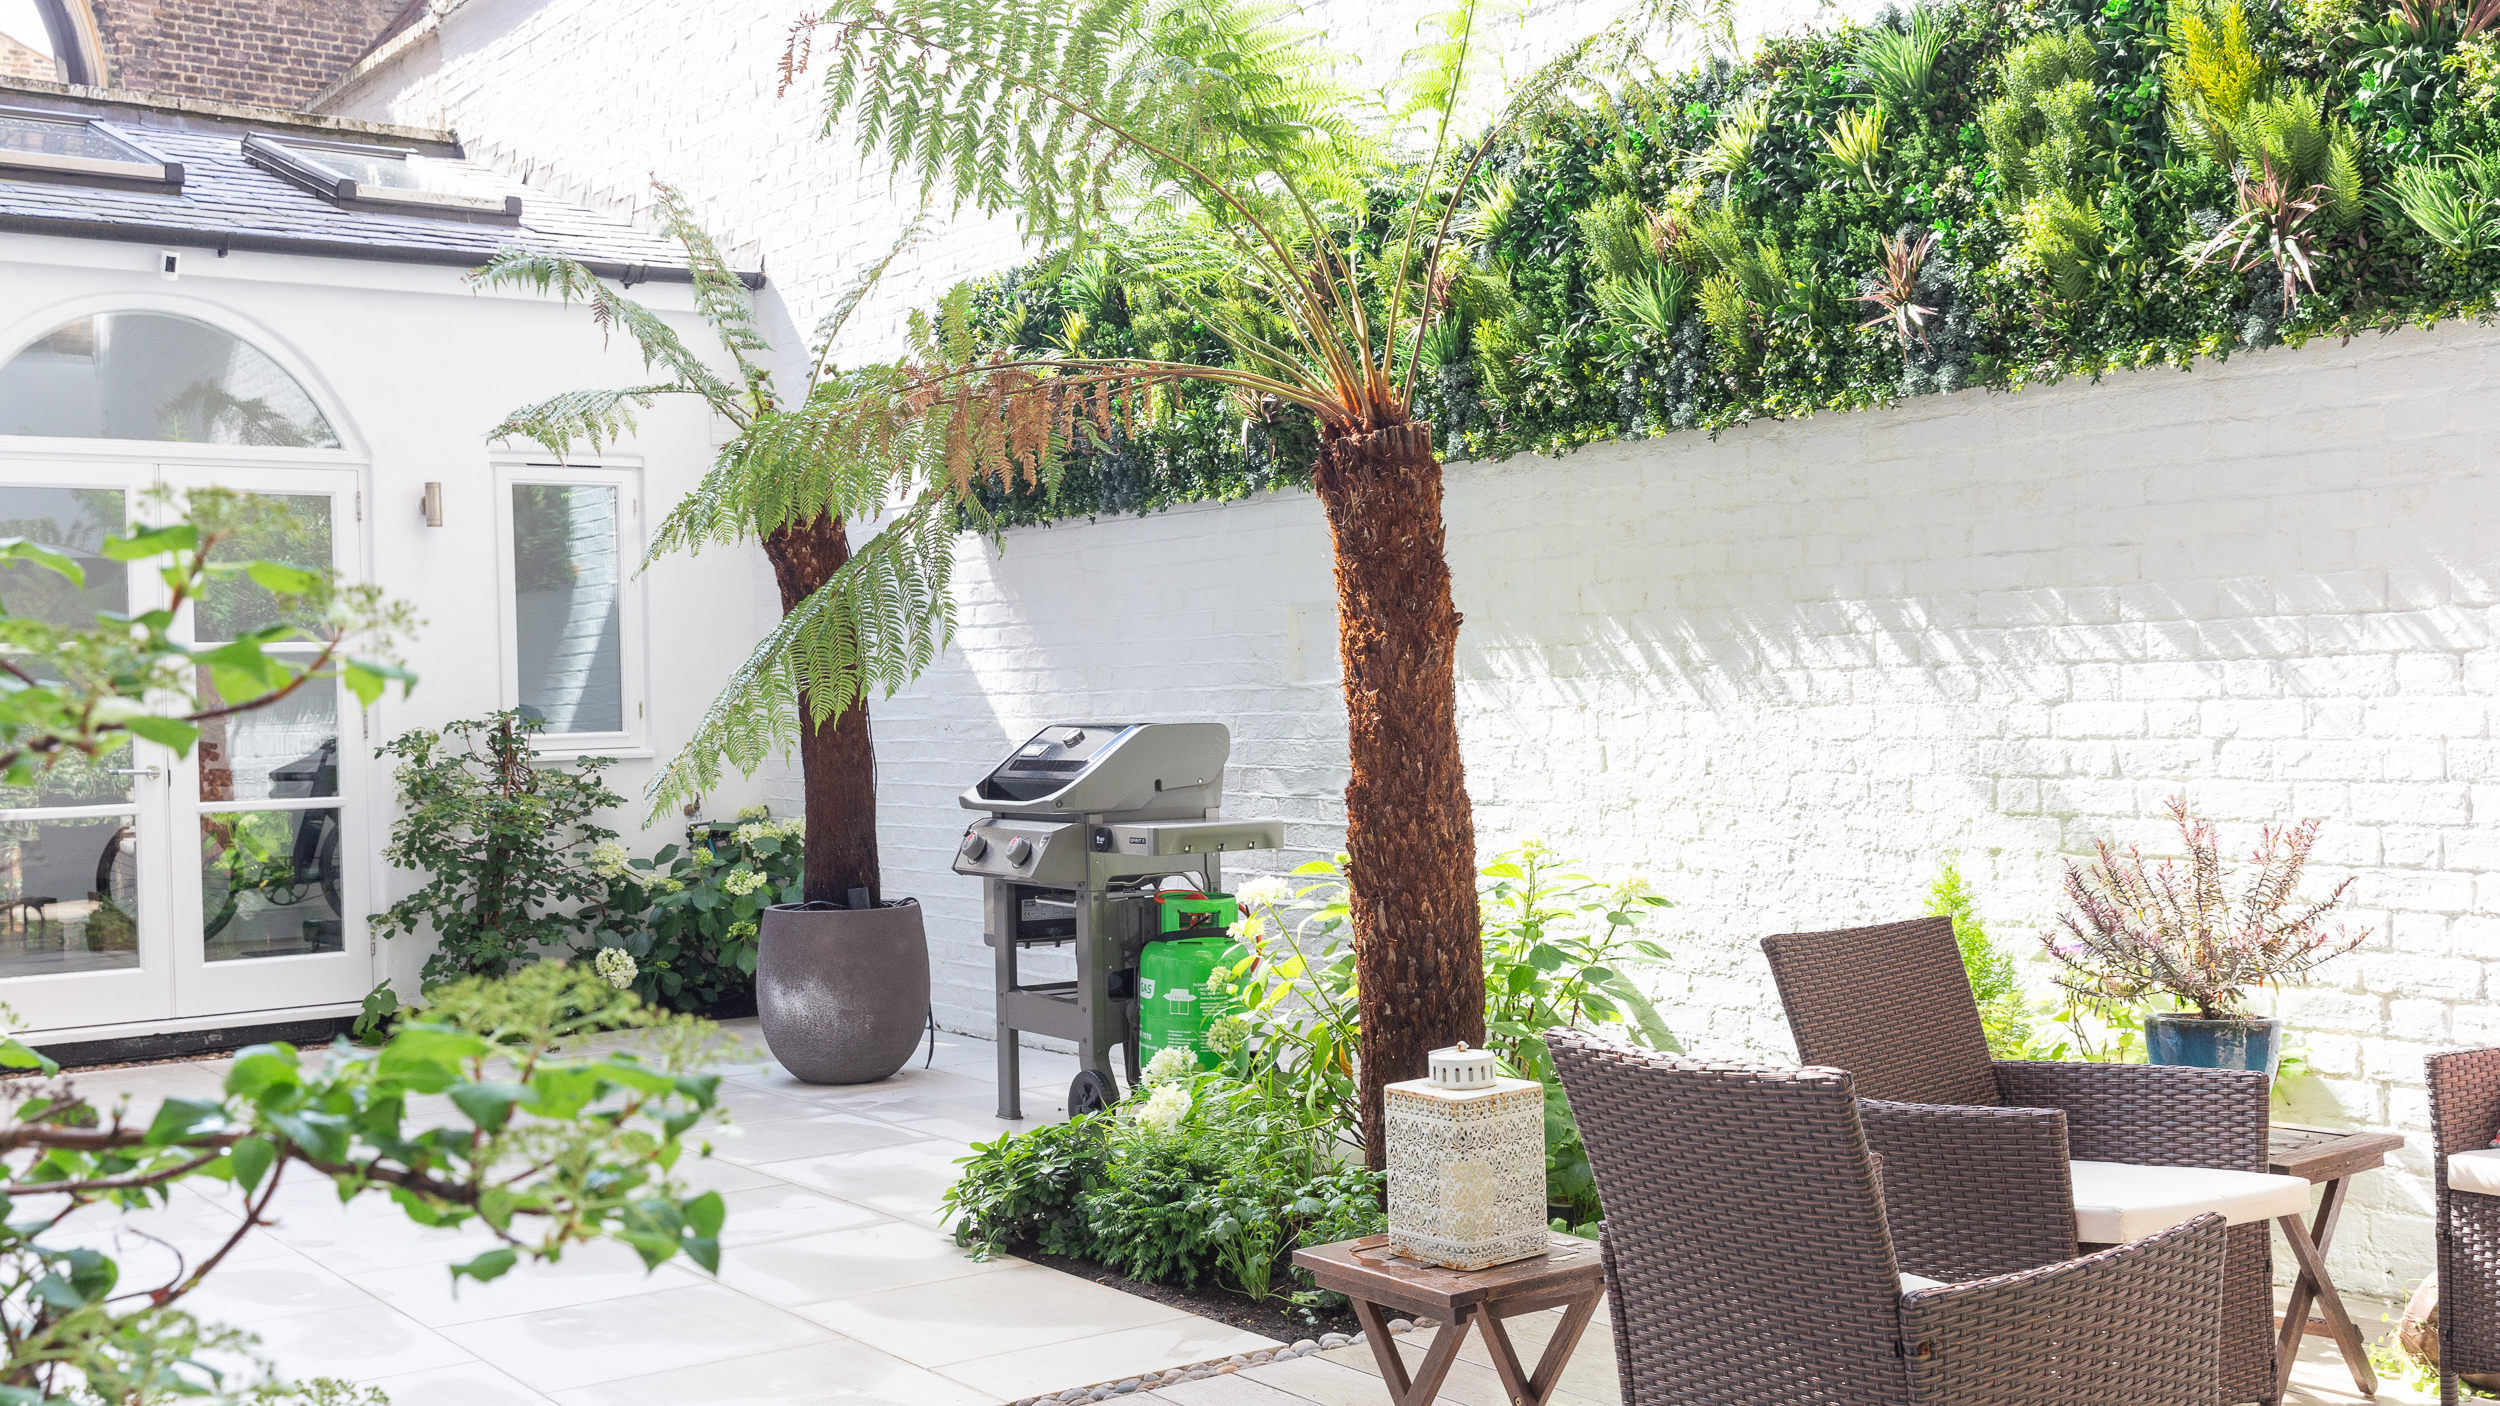 South Kensington Courtyard Garden